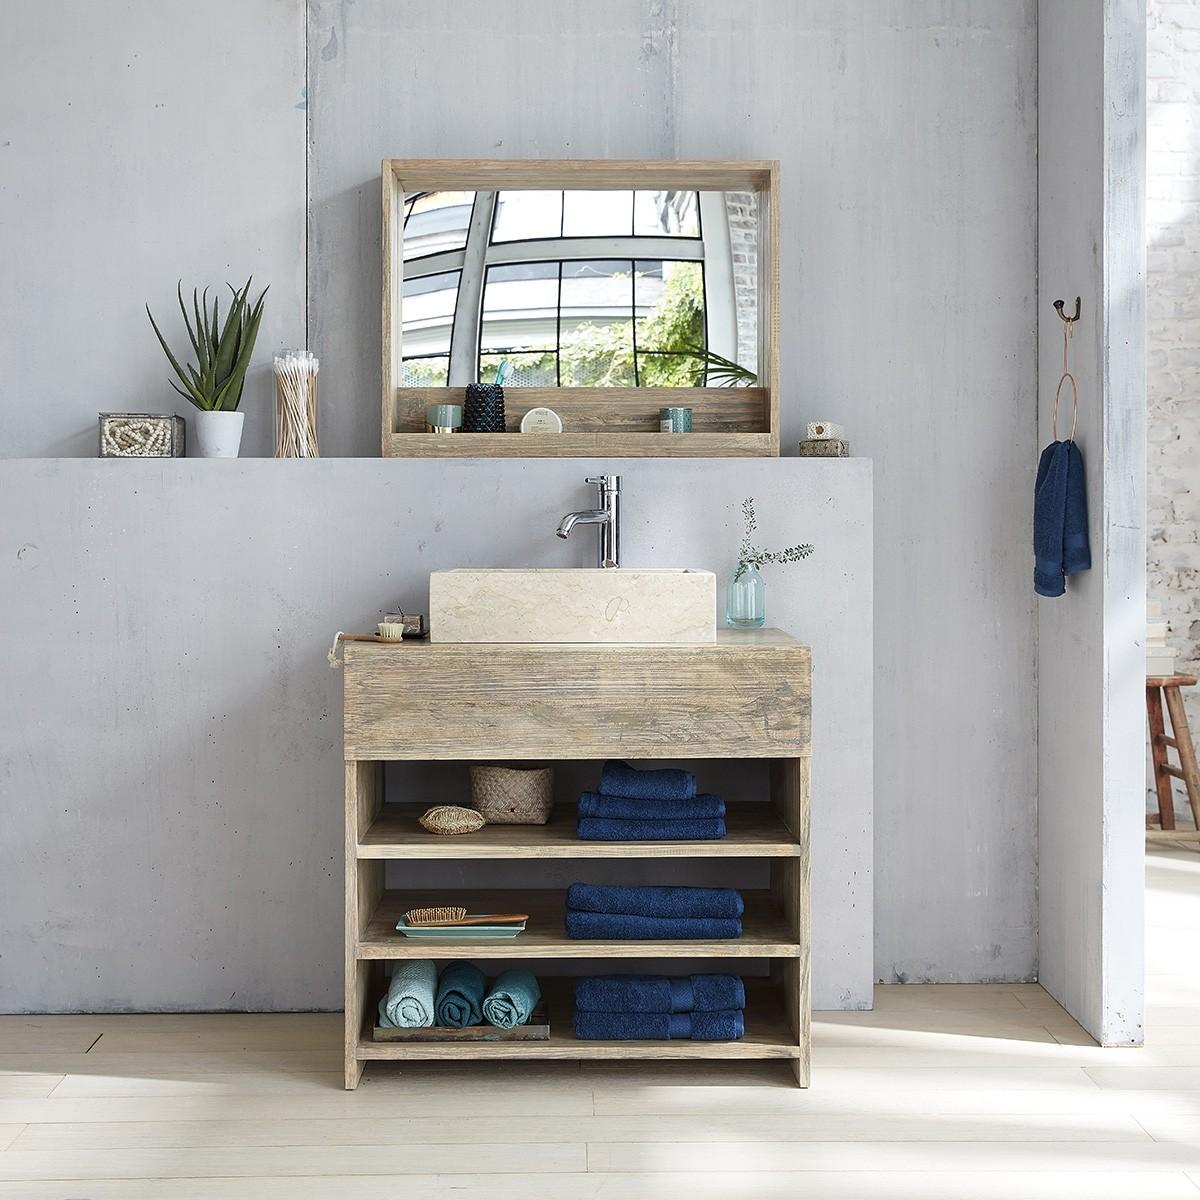 Meuble de salle de bain en bois d 39 h v a 80 bois dessus bois dessous - Destockage meuble salle de bain bois ...